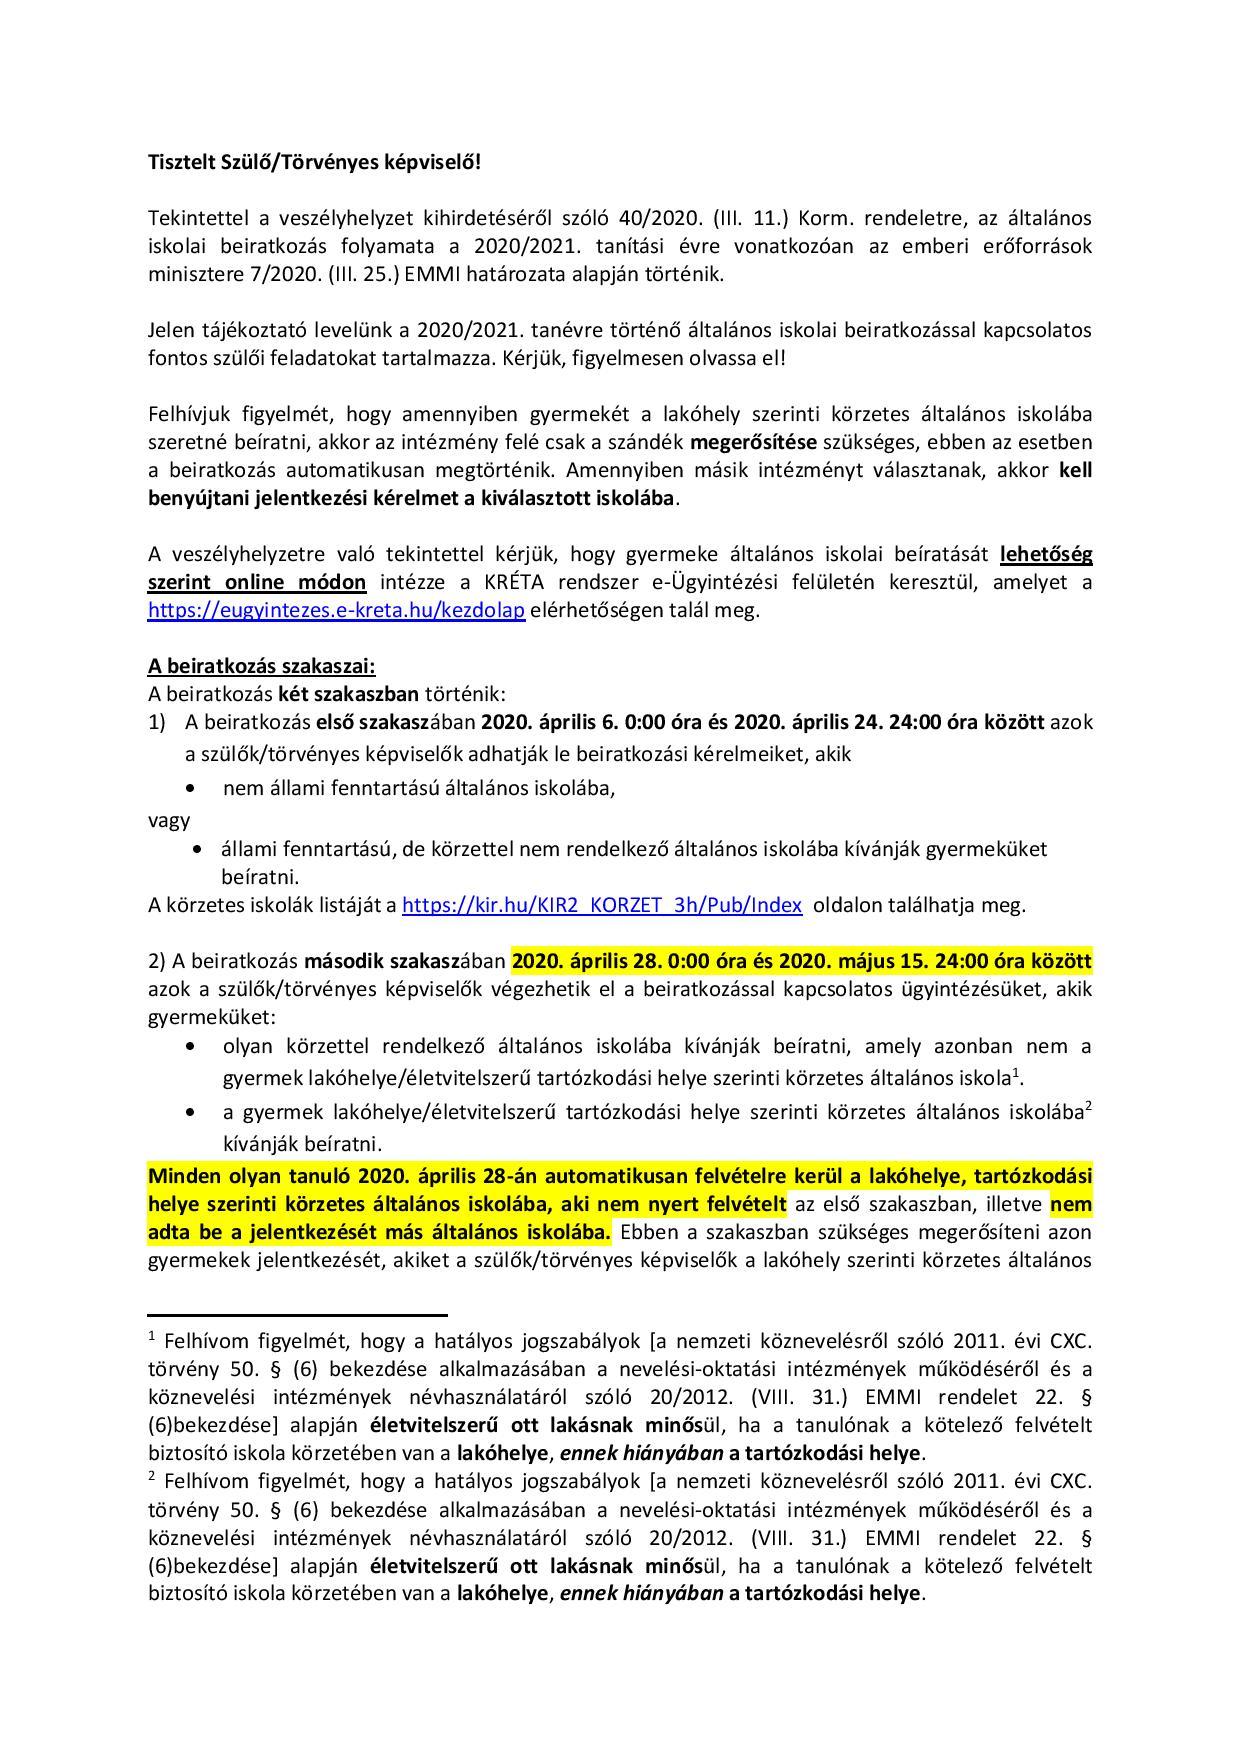 Hirdetmeny-1.osztalyosok-altalanos-iskolai-beiratkozasarol-2020.04.07-page-001